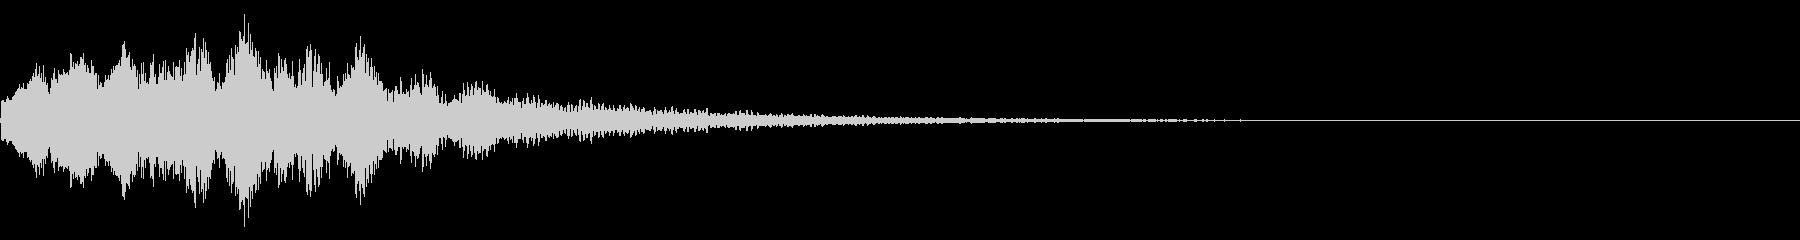 キラーン(星、光、魔法、テロップ等)4bの未再生の波形